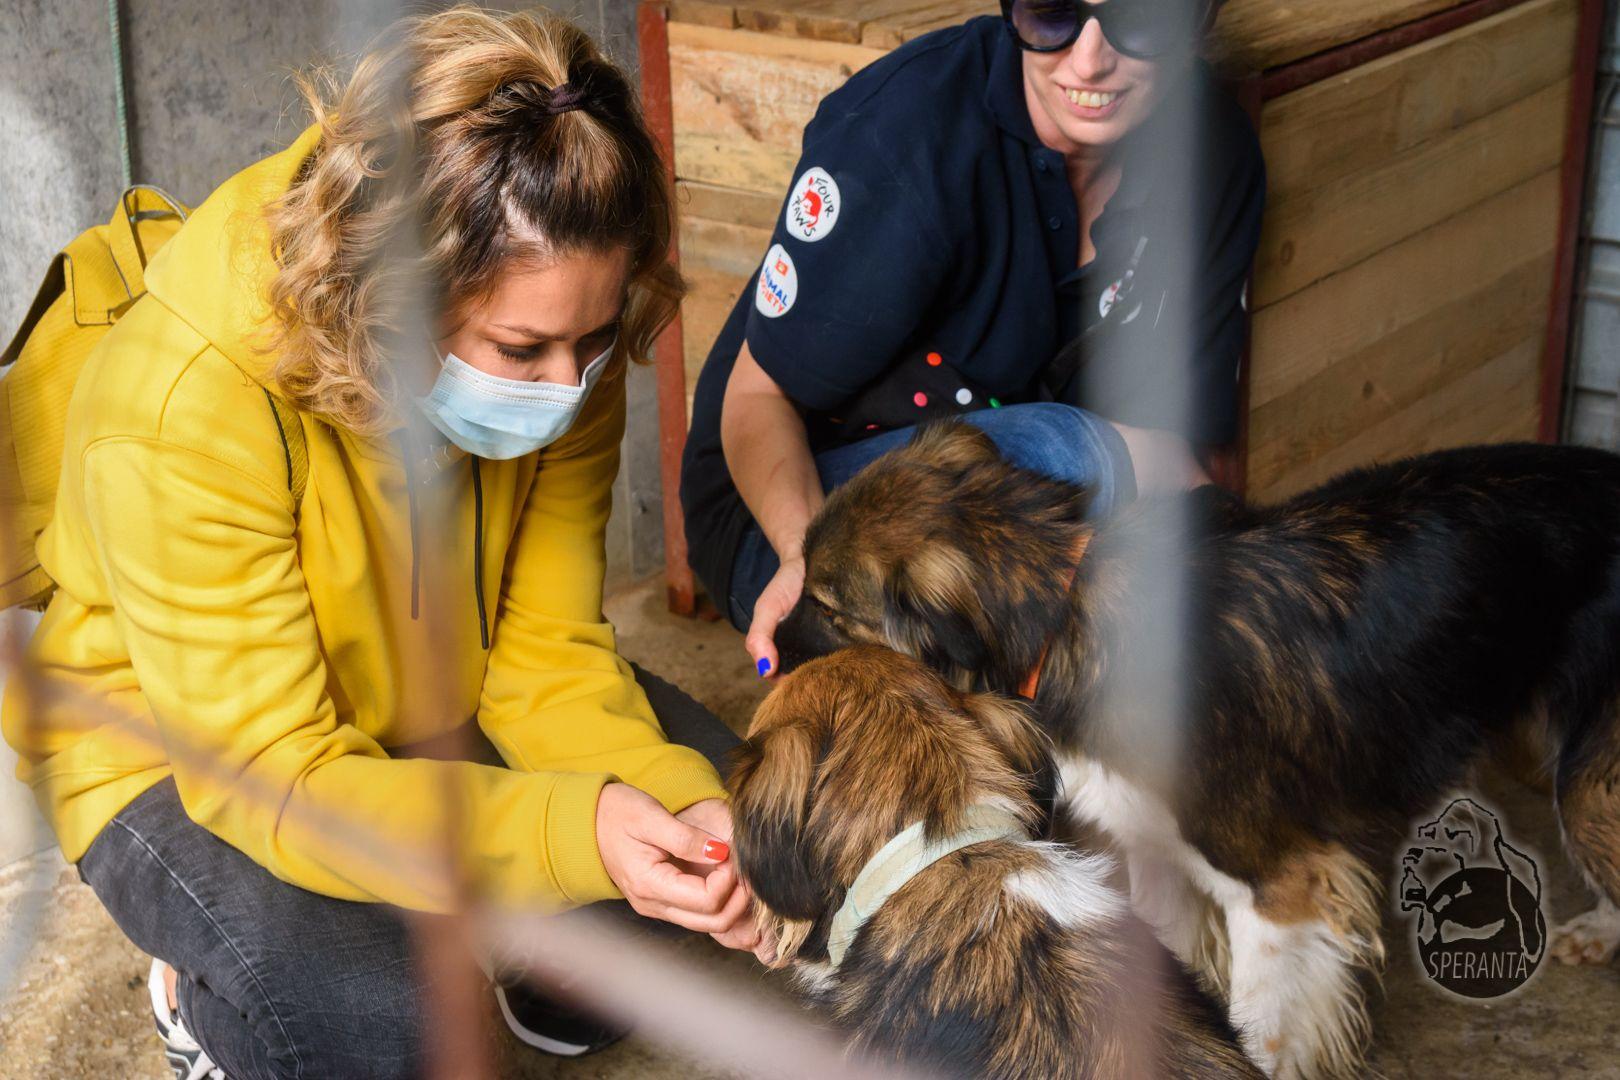 Vedetele s-au alăturat campaniei de adopție lansate de Animal Society de Ziua internațională a animalelor